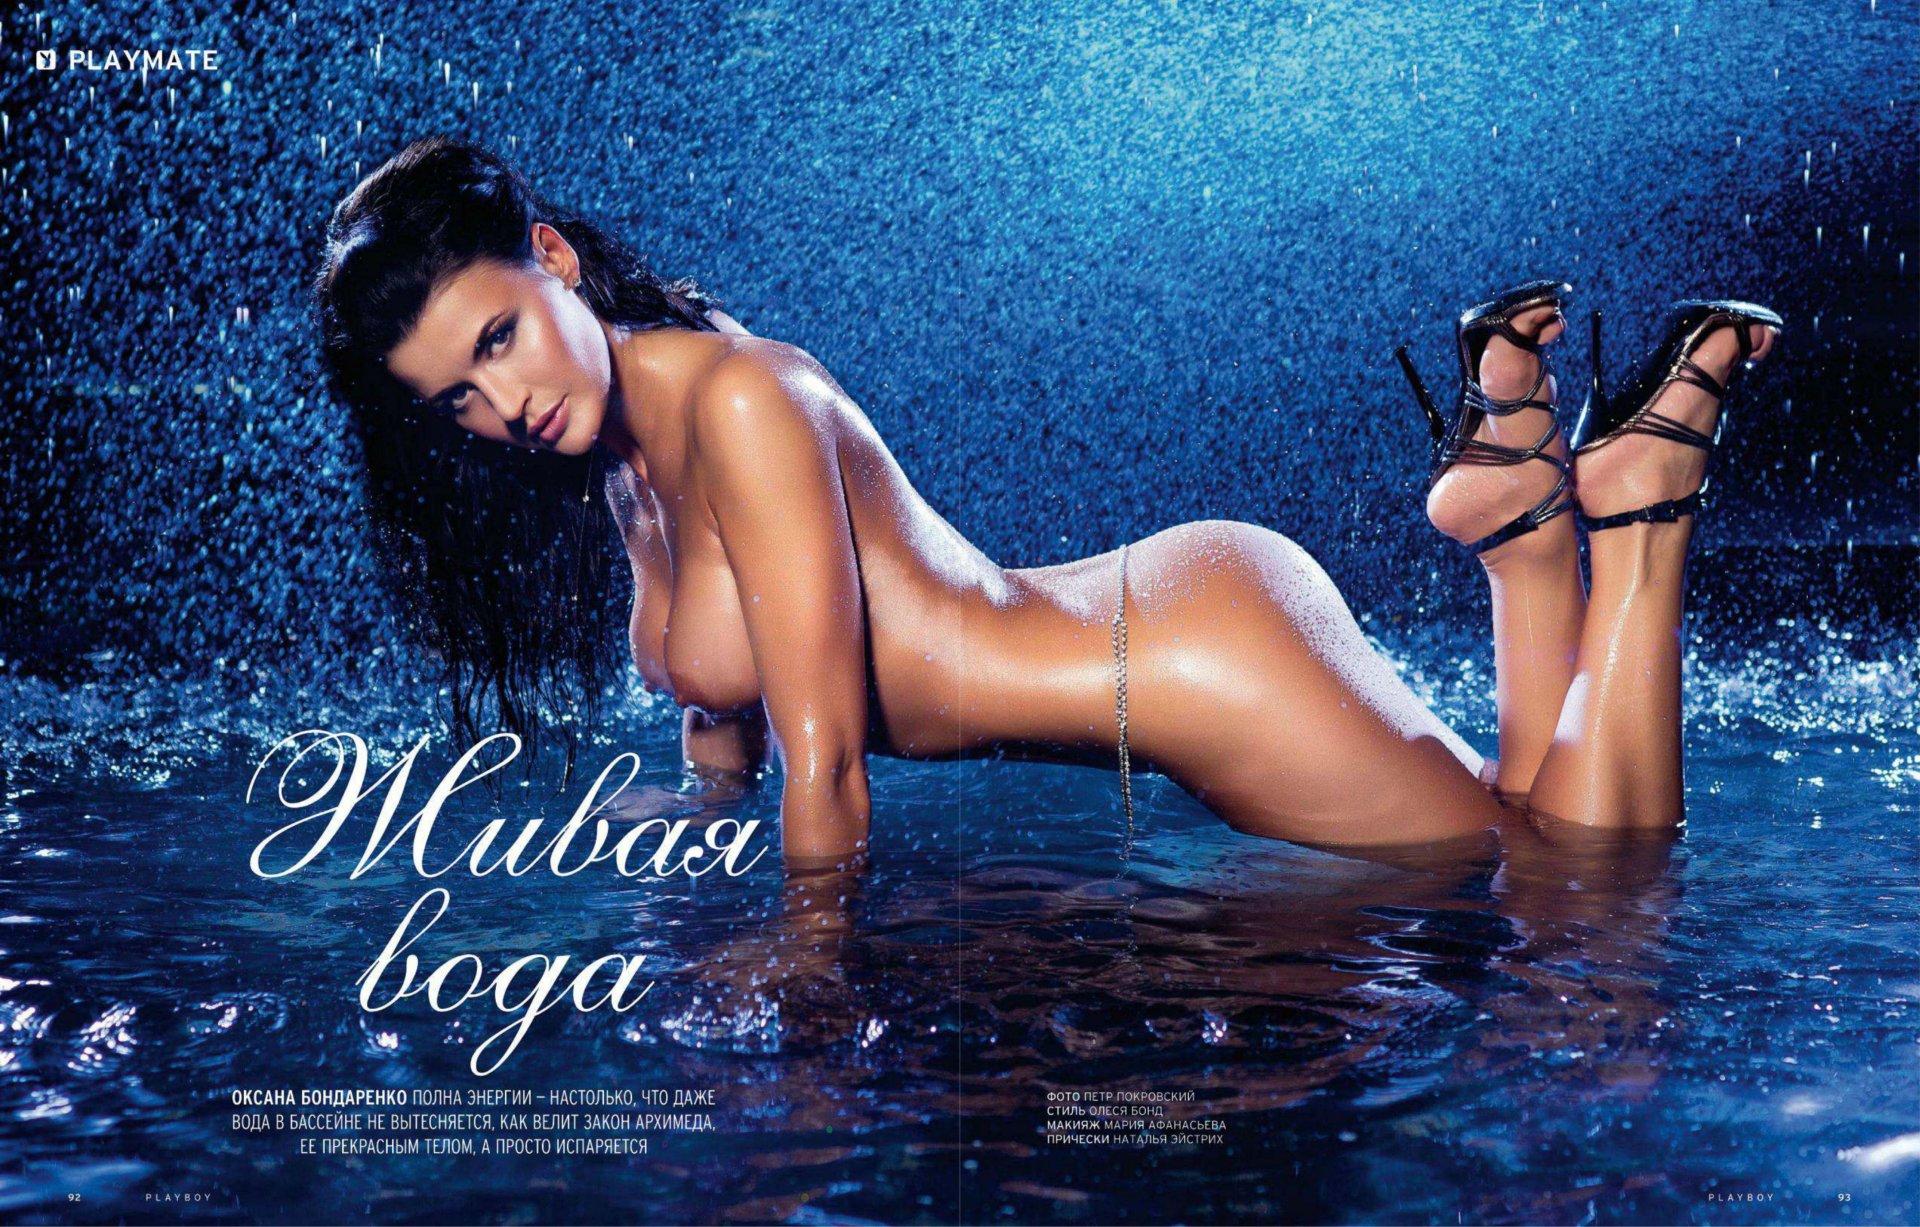 Oksana bondarenko nude new picture